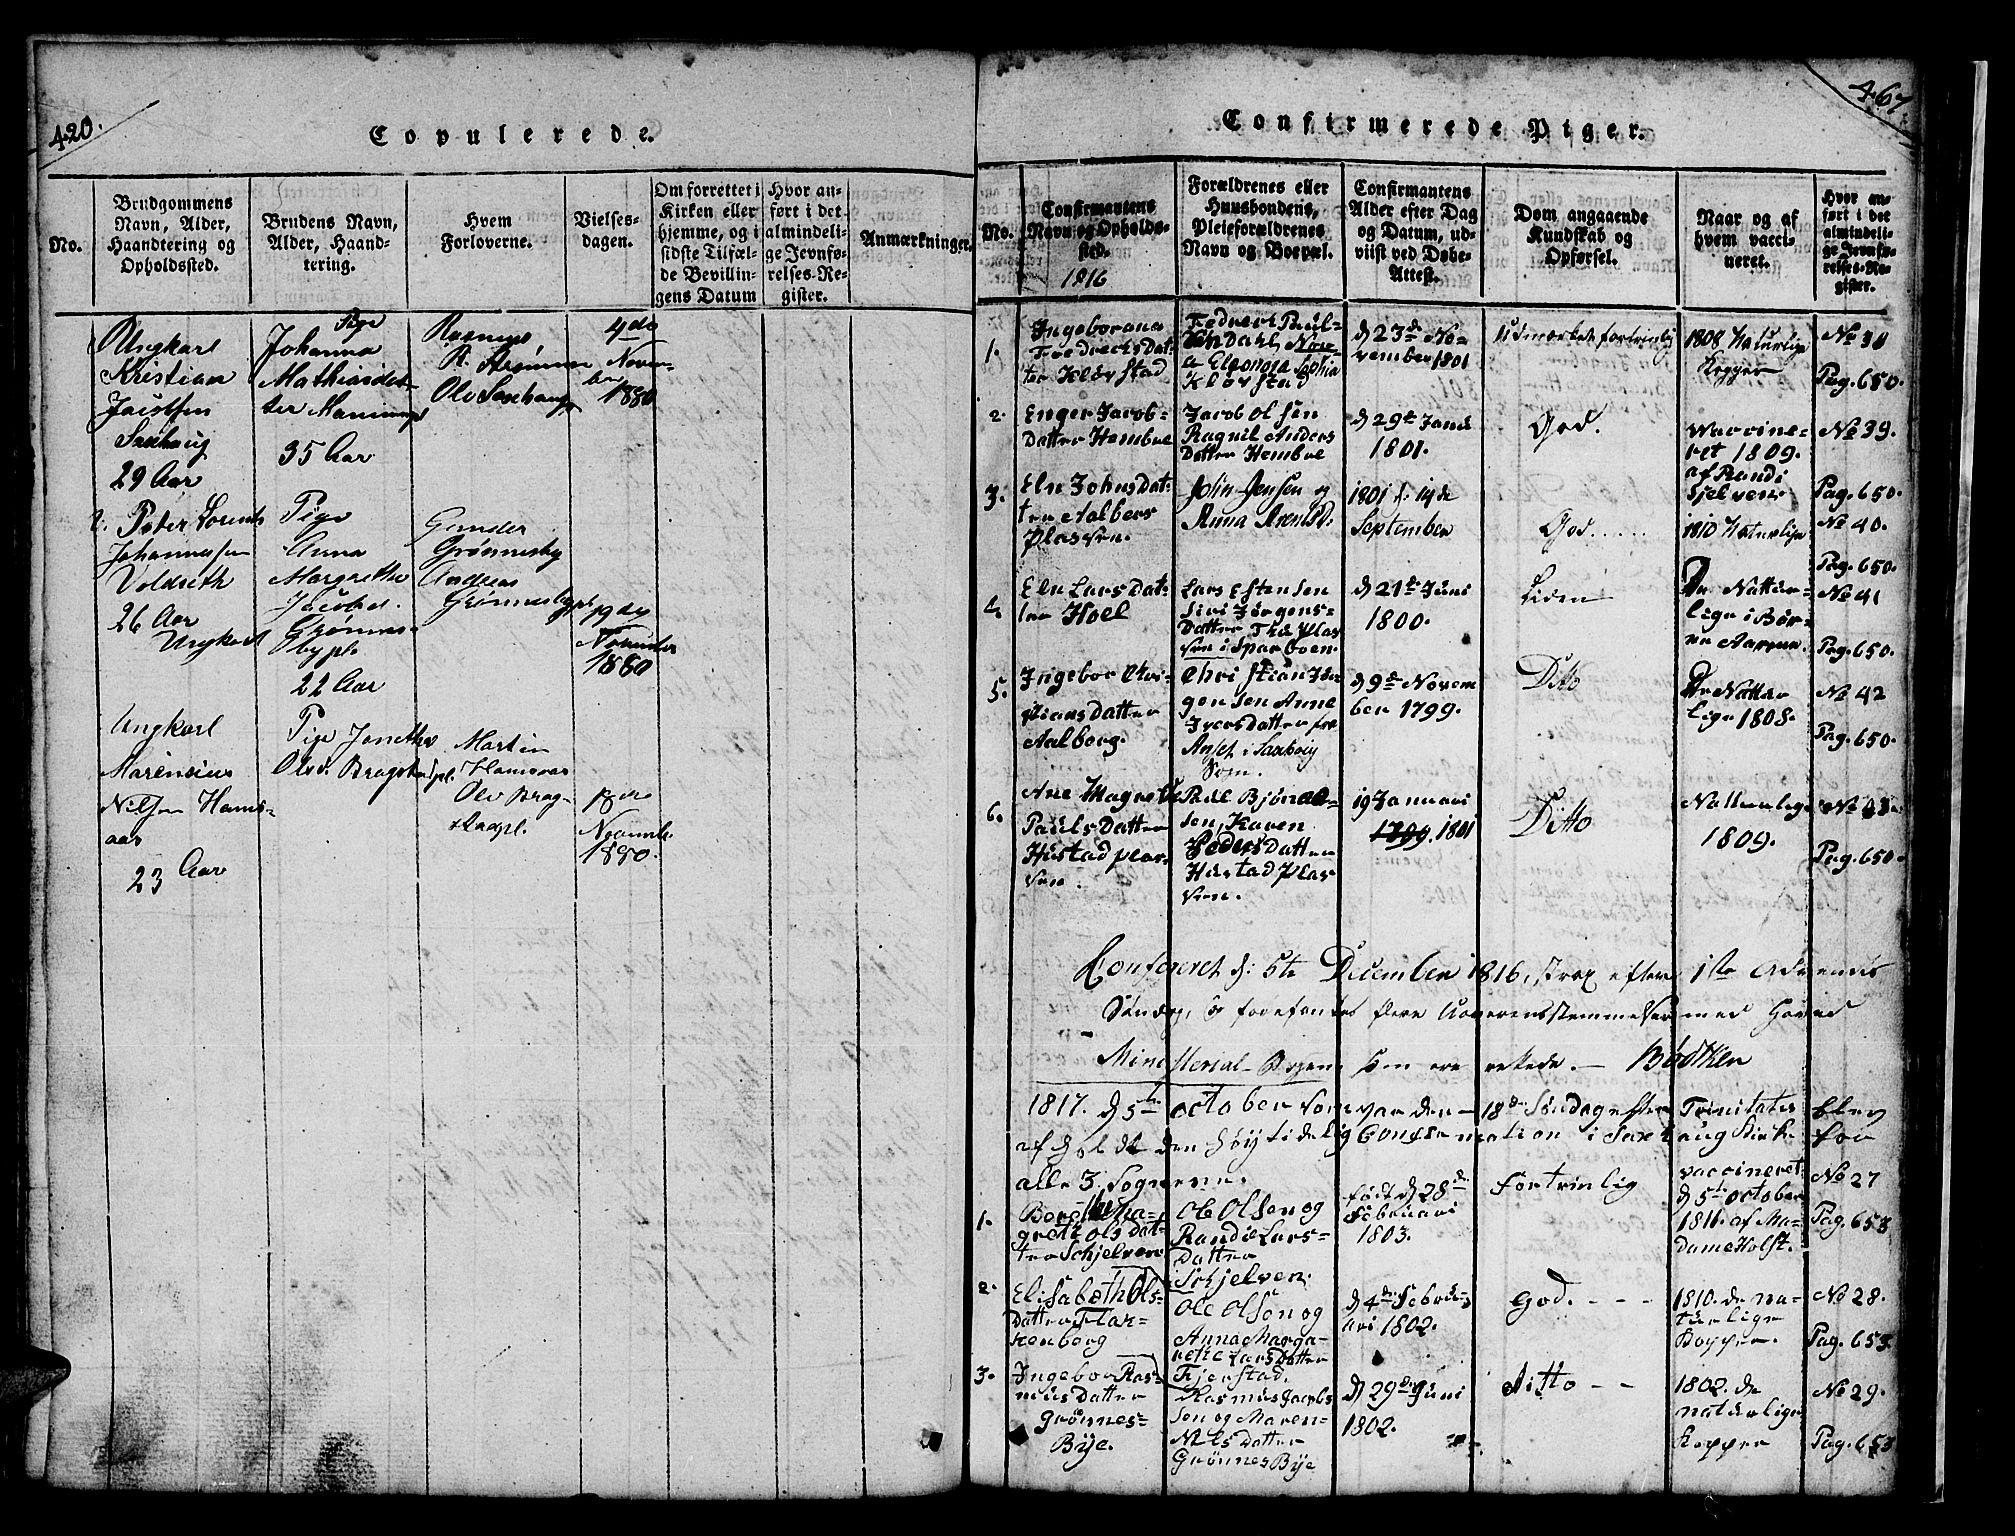 SAT, Ministerialprotokoller, klokkerbøker og fødselsregistre - Nord-Trøndelag, 732/L0317: Klokkerbok nr. 732C01, 1816-1881, s. 420-467